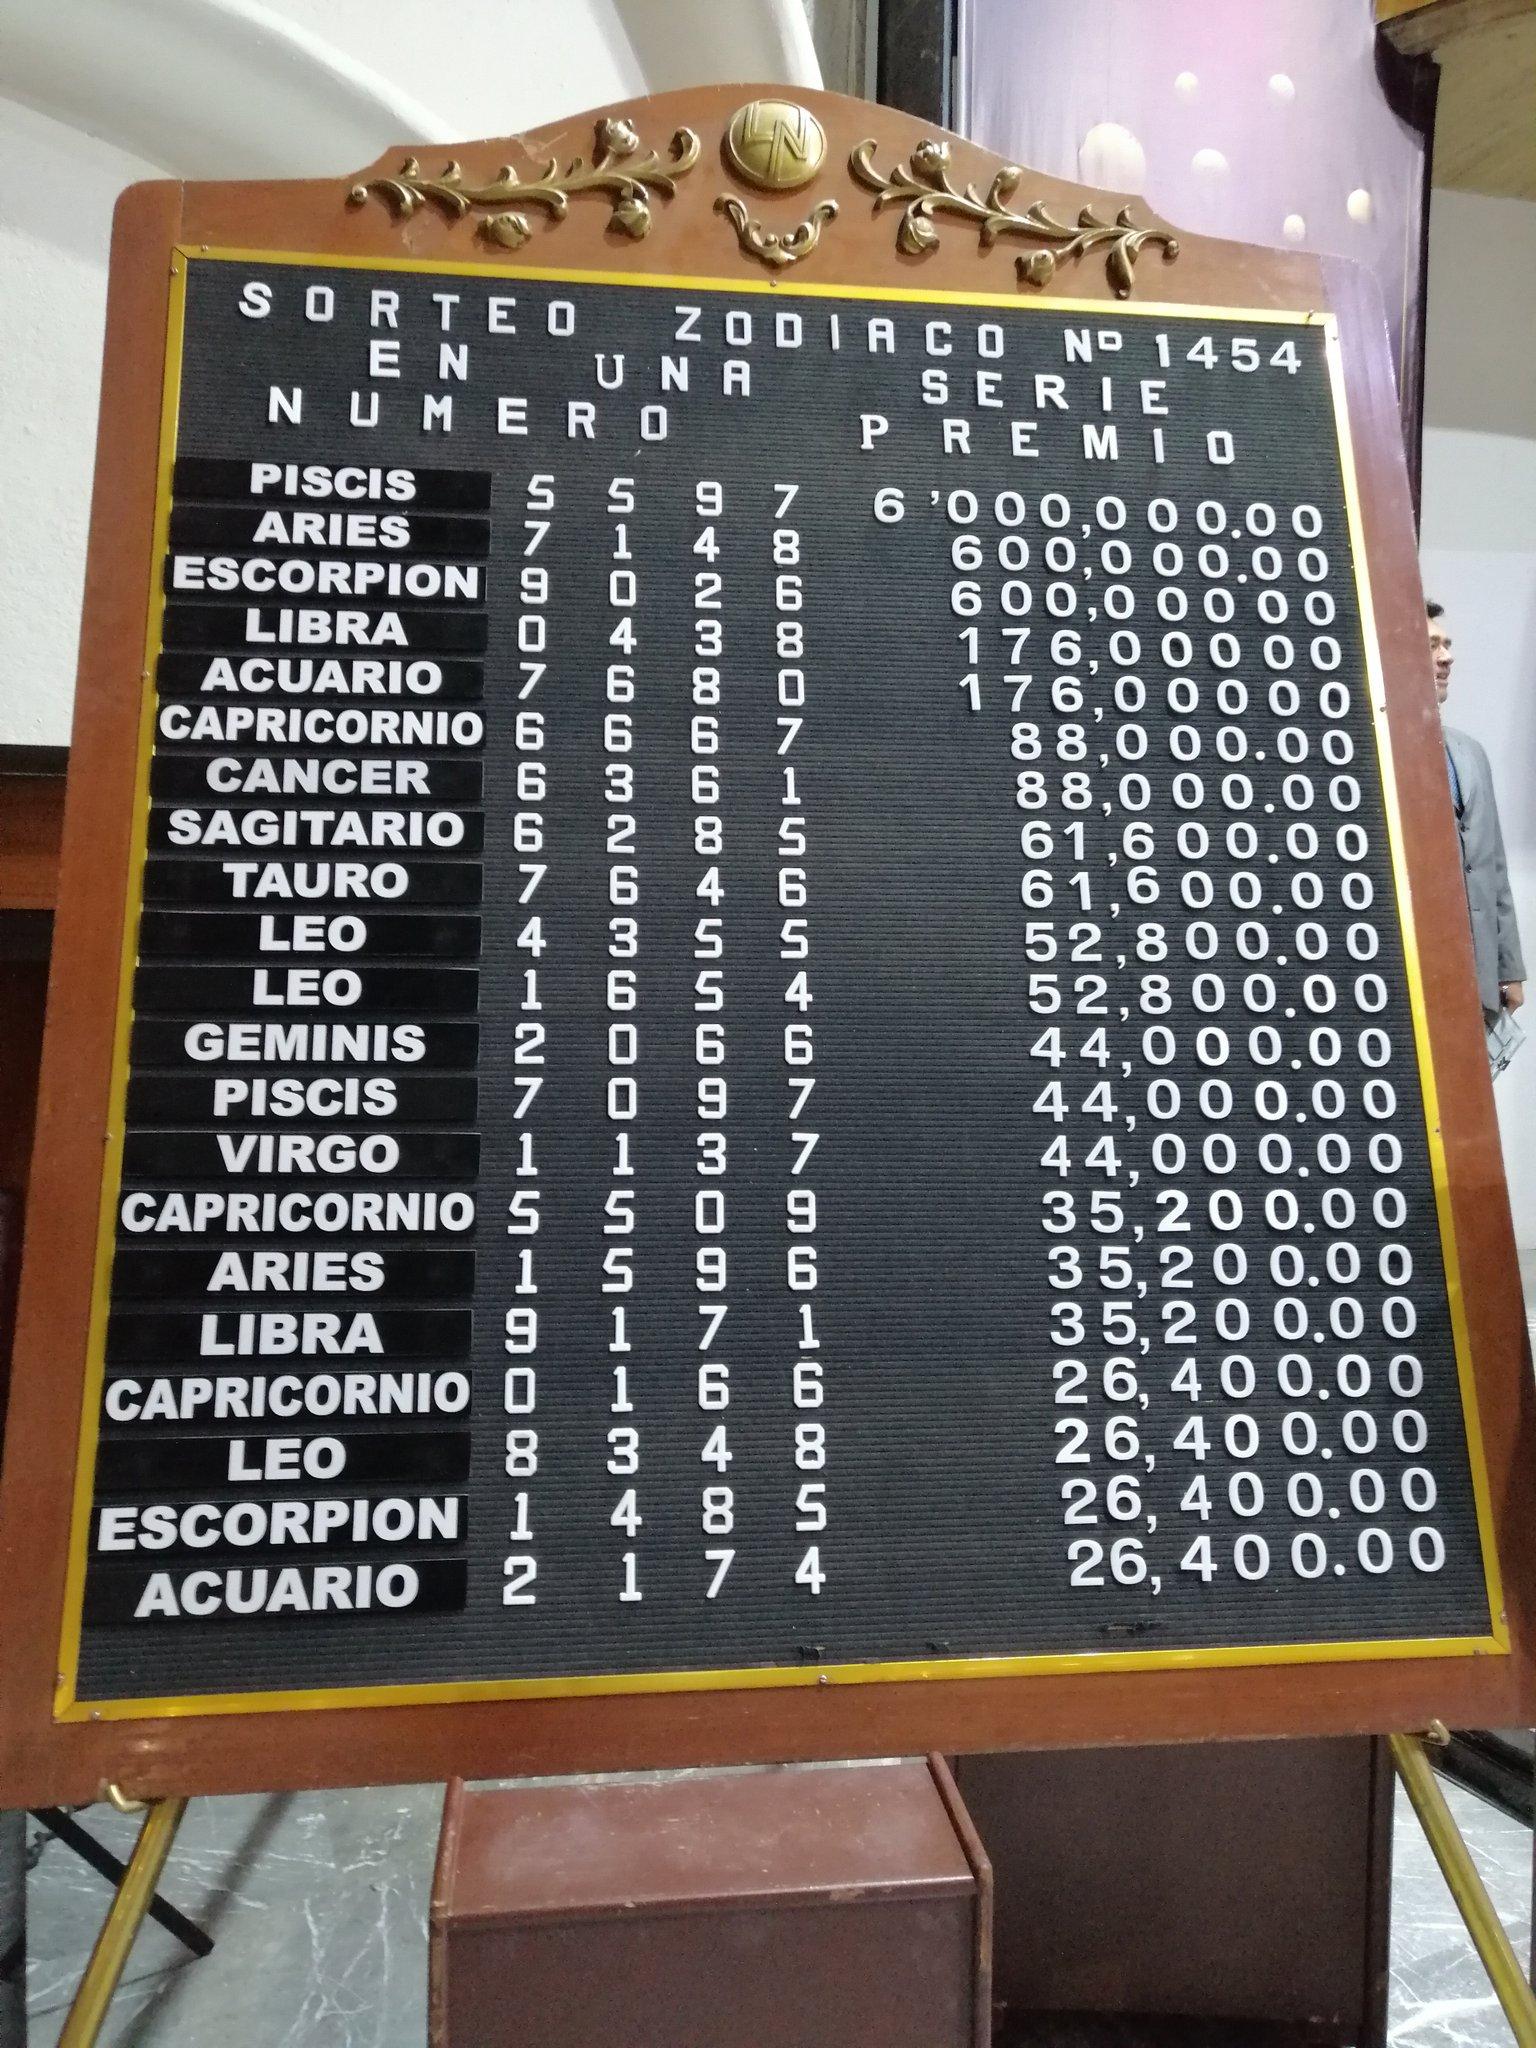 Resultado sorteo zodiaco 1454